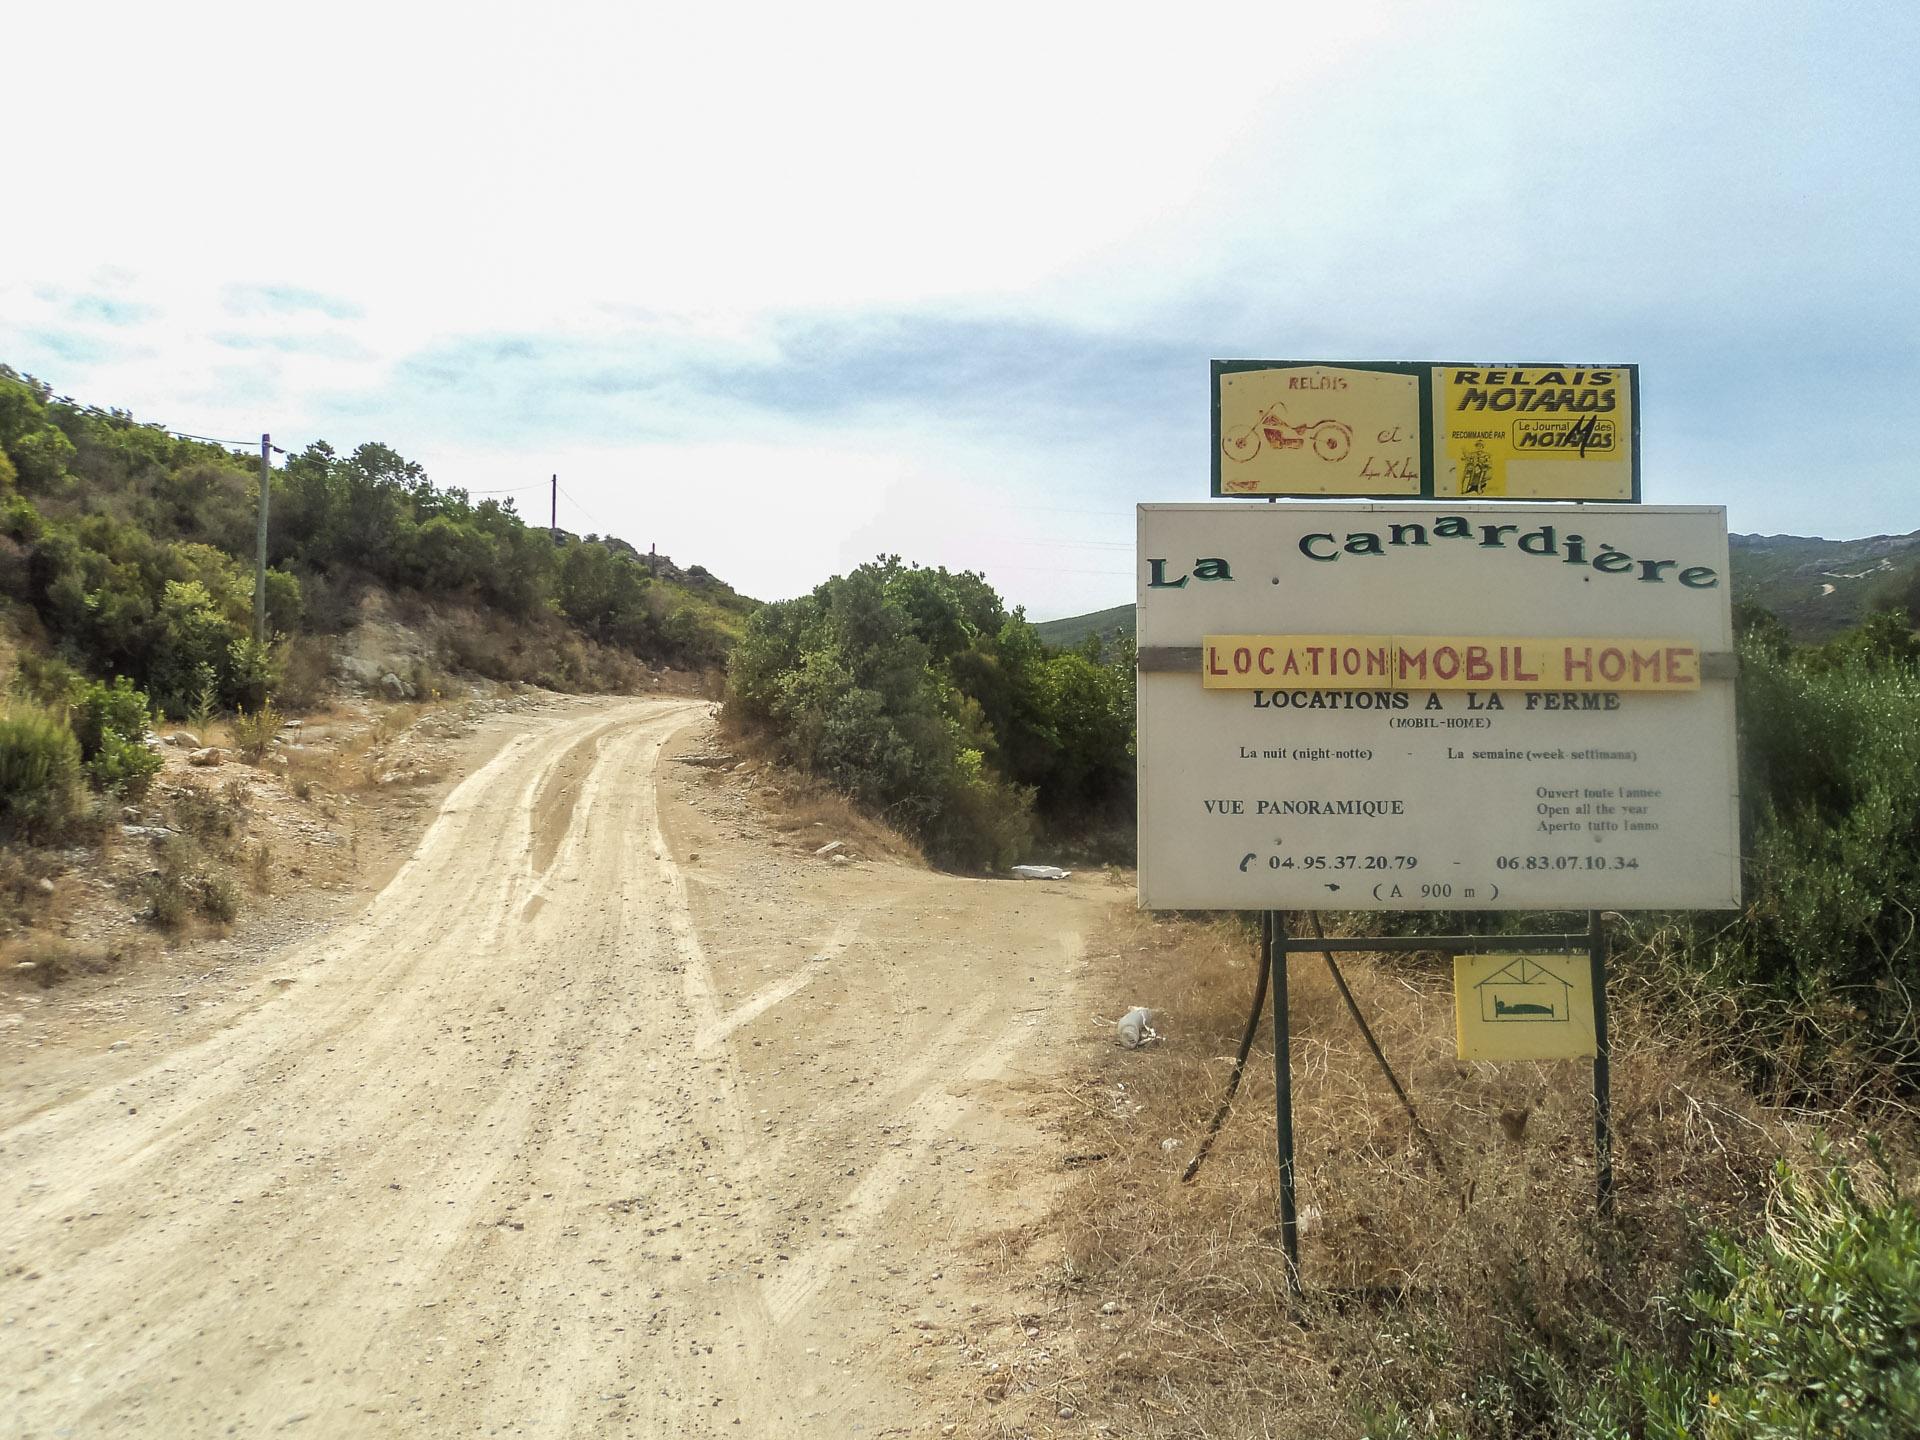 Camping La Canardière